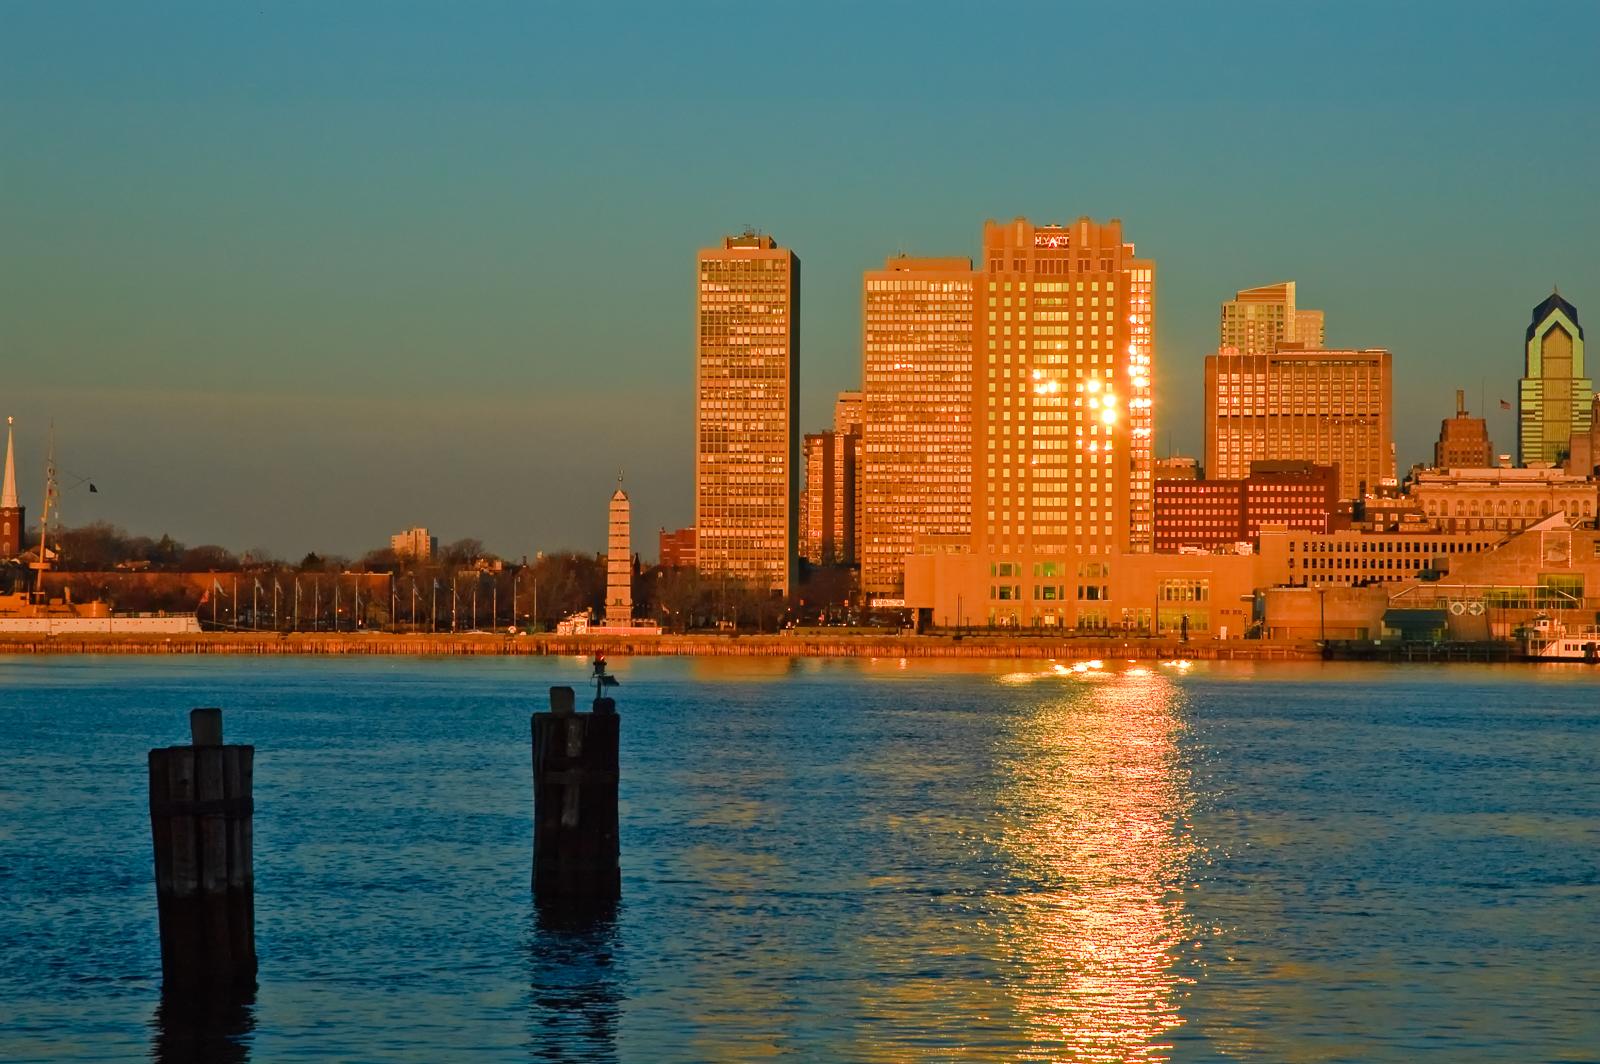 camden-waterfront-